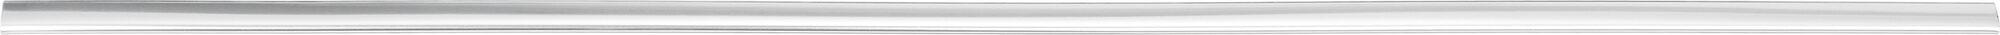 HAZET Zierleisten für Schubladenblenden 173-092